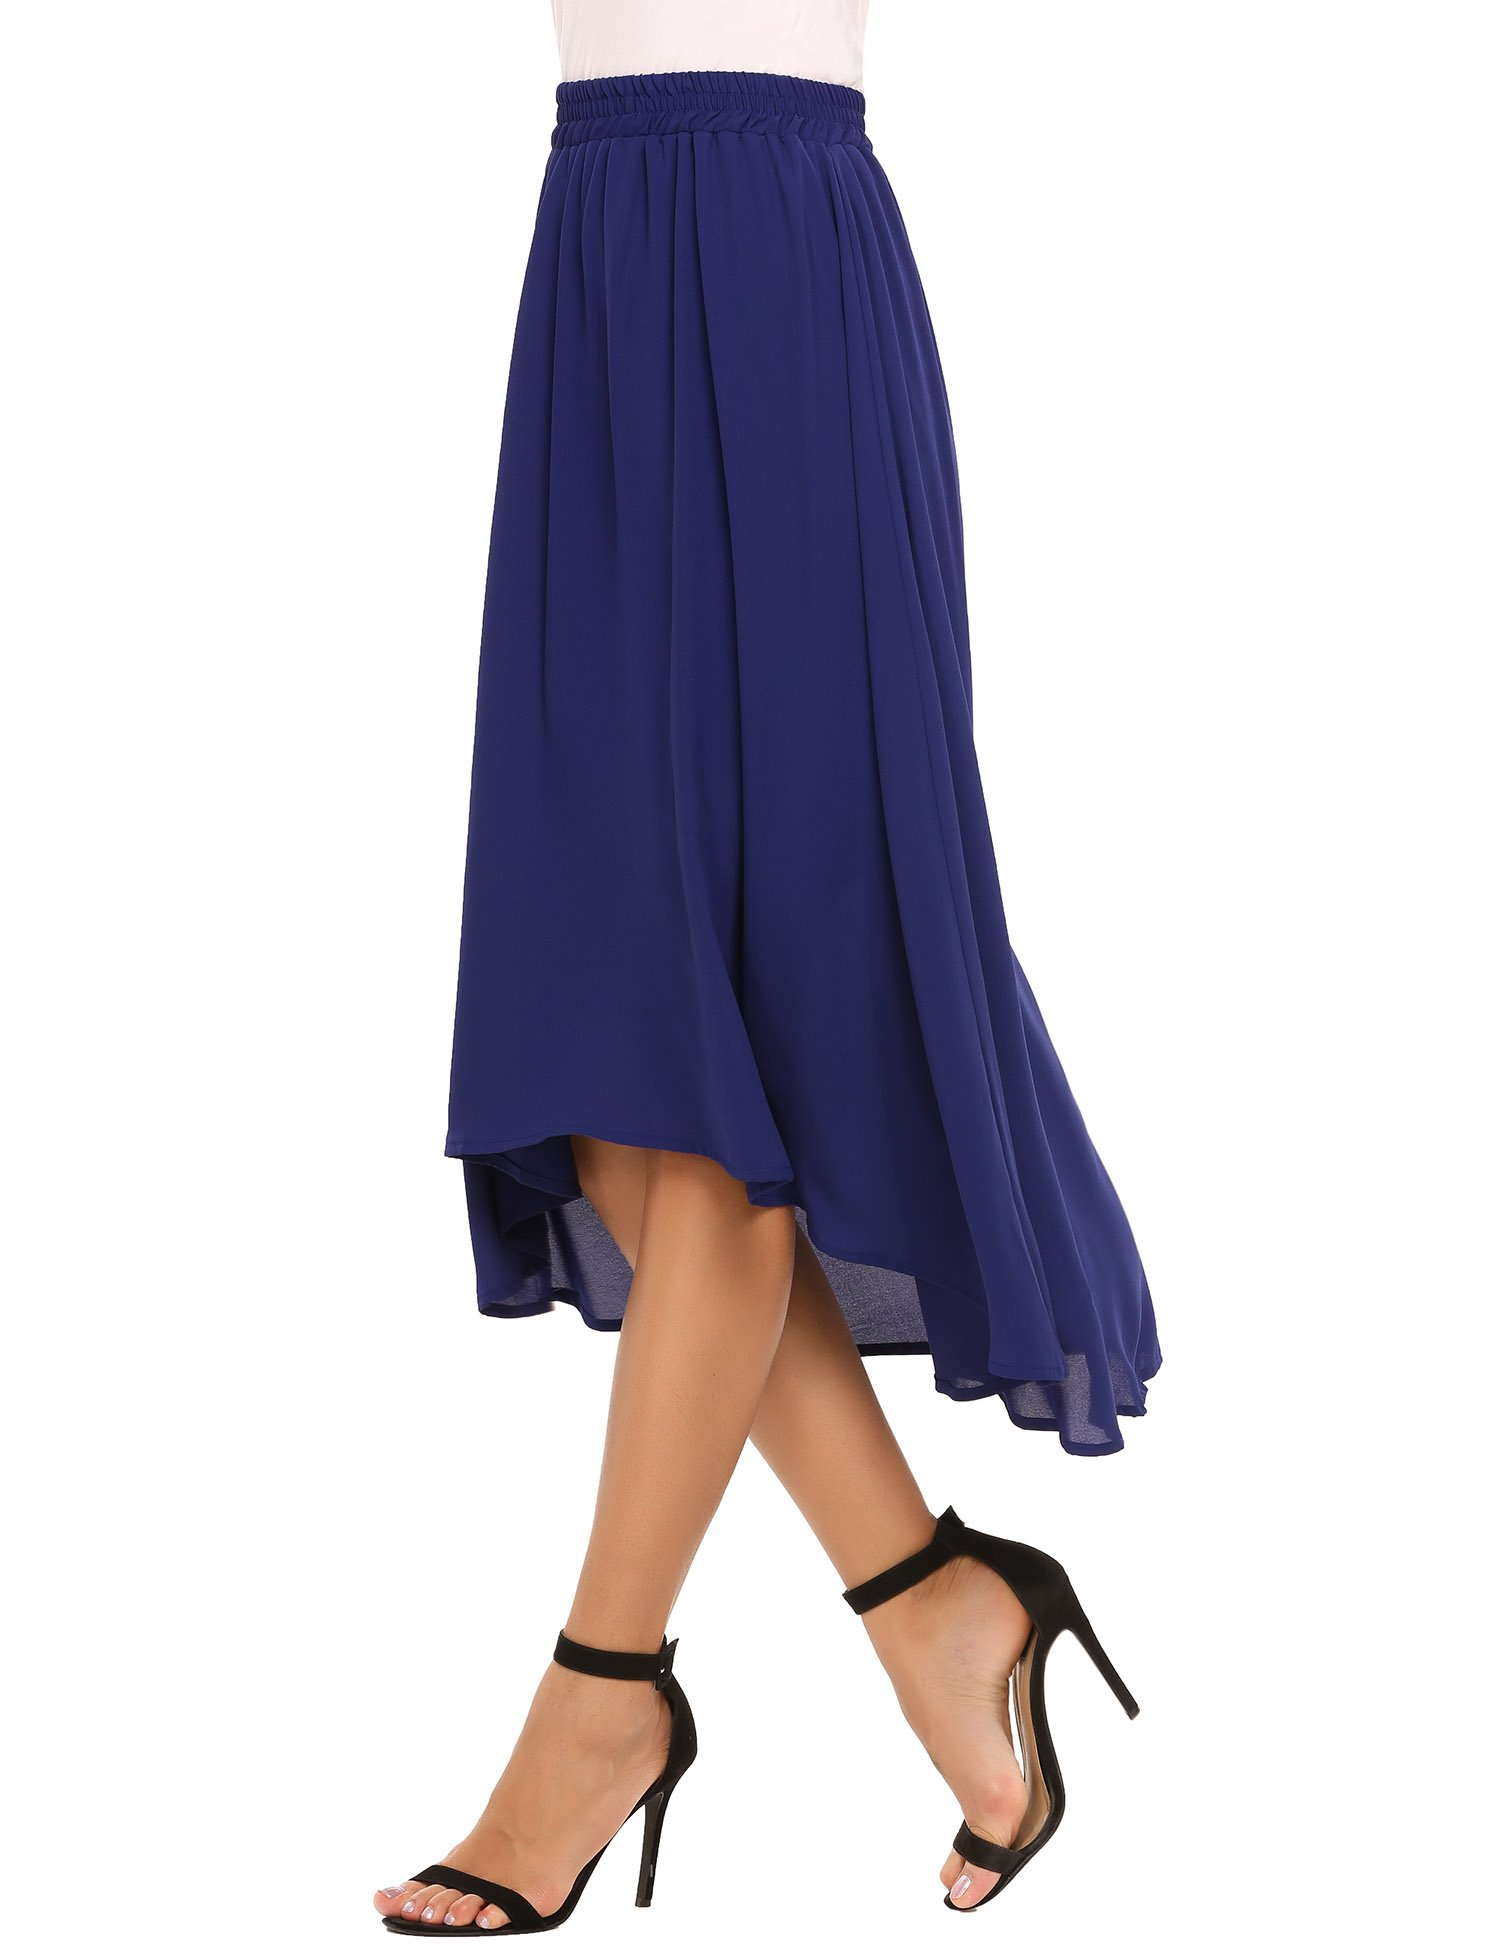 Zeagoo Elastic Waist Summer Chiffon Skirt Flowy High Low Skirt For Women, Blue, L